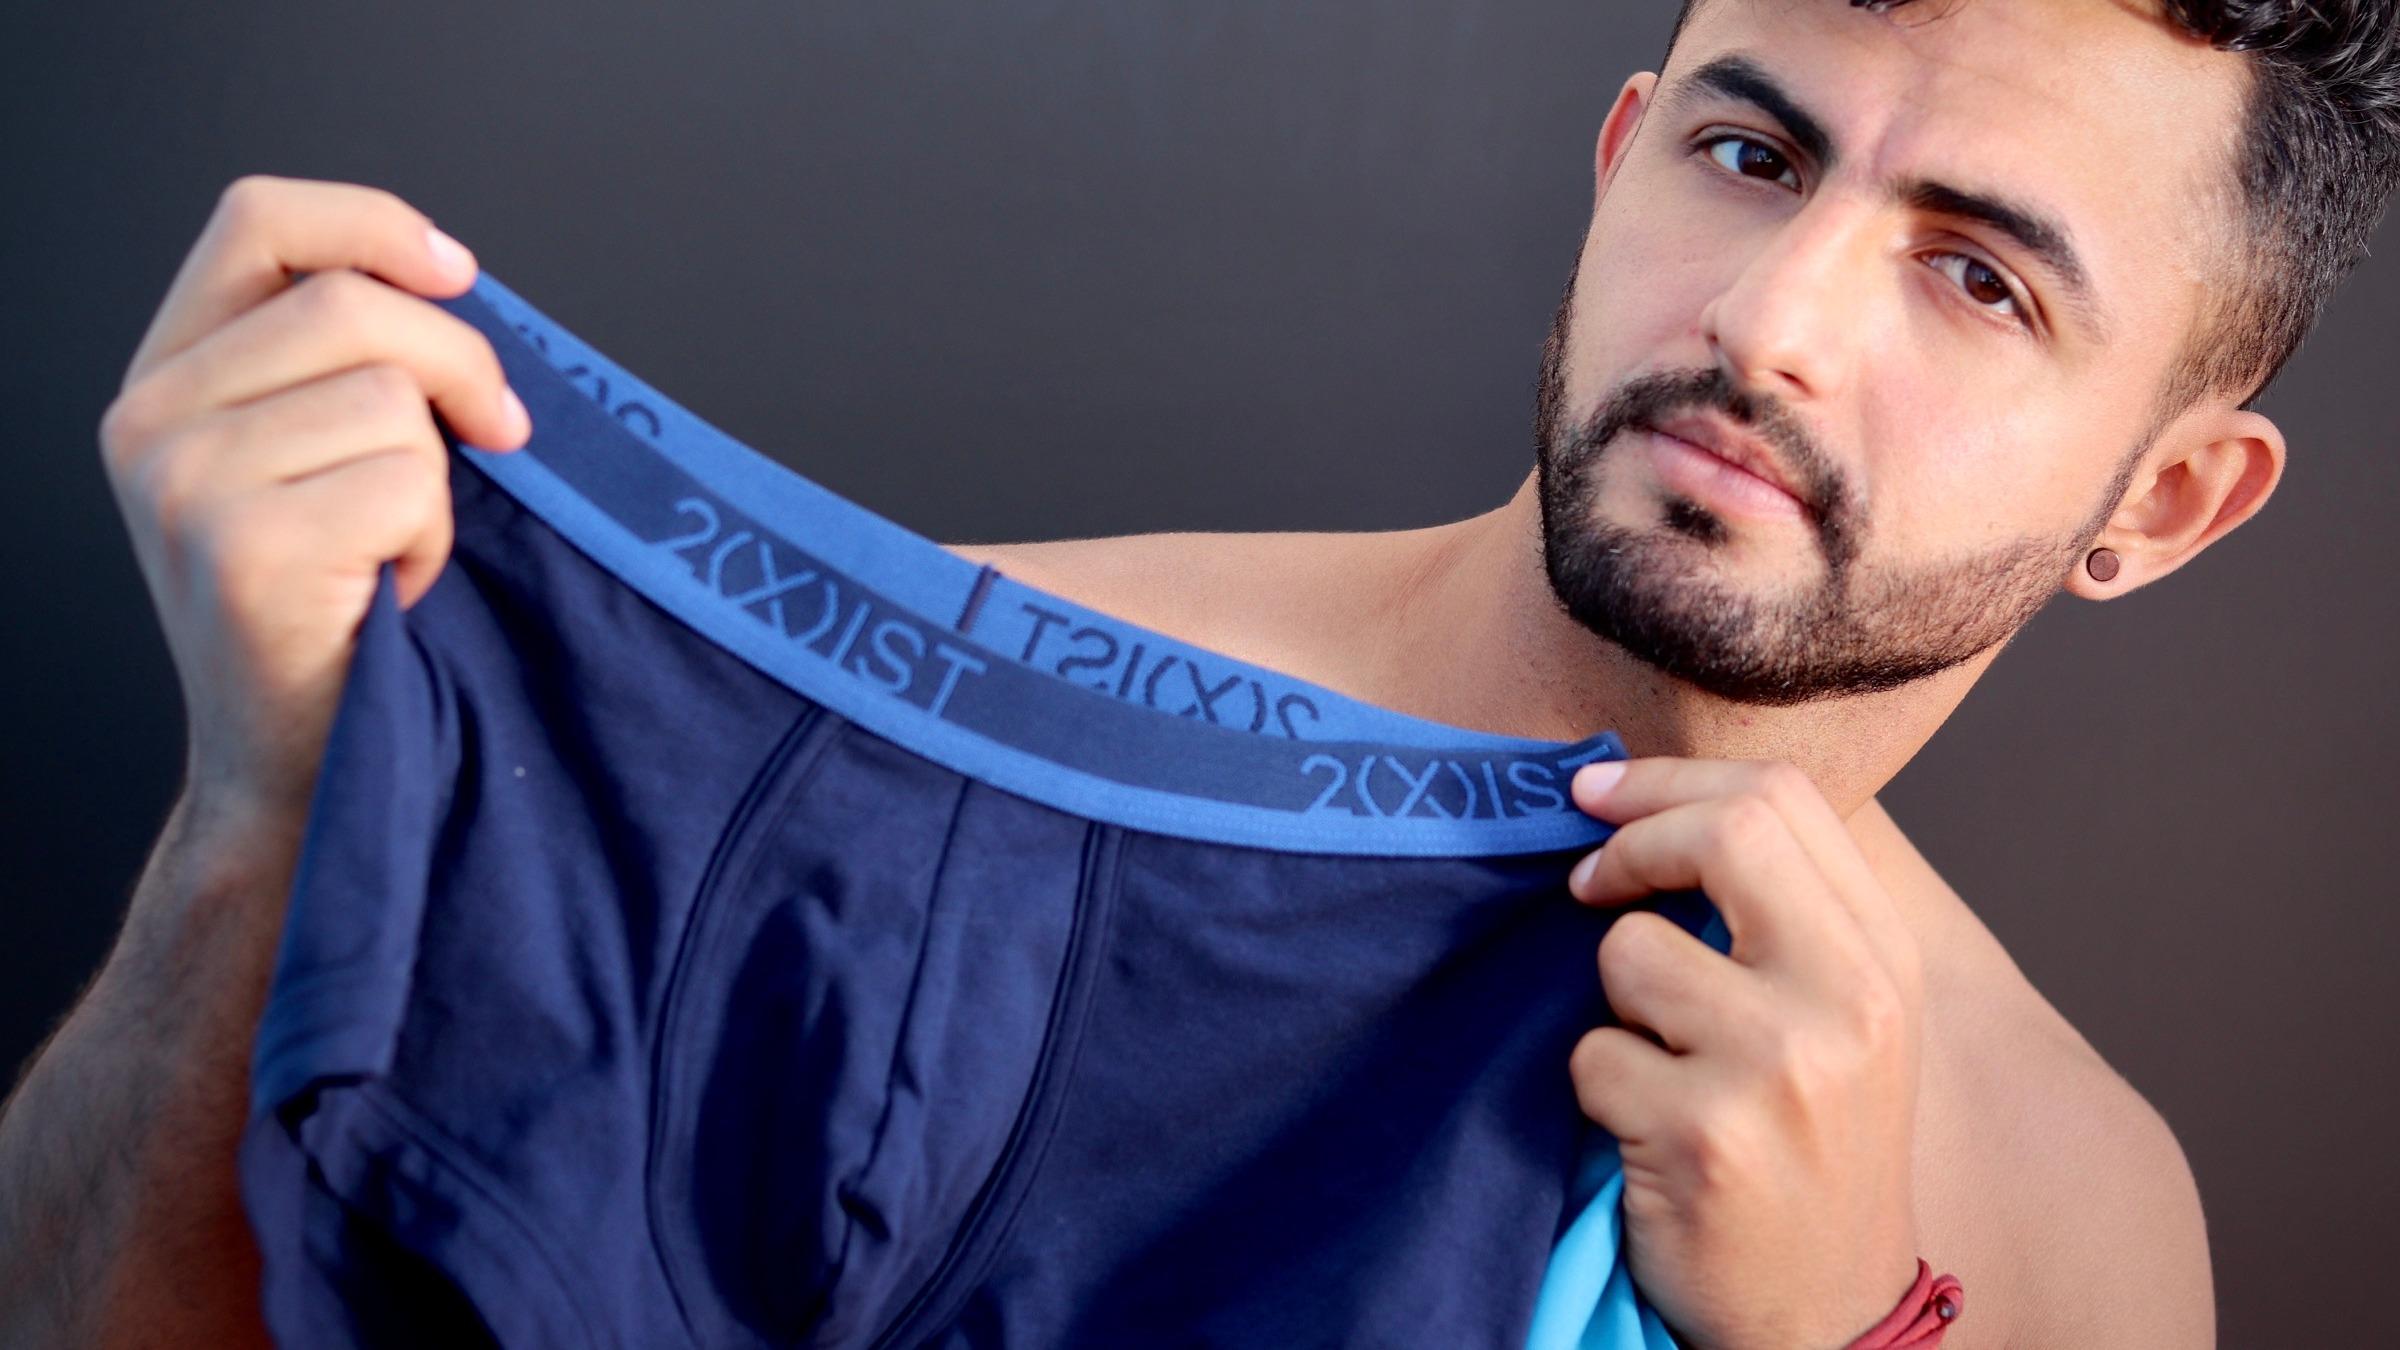 Ropa interior masculina | Ropa Interior | Ropa Interior Hombre | INNER | Boxer